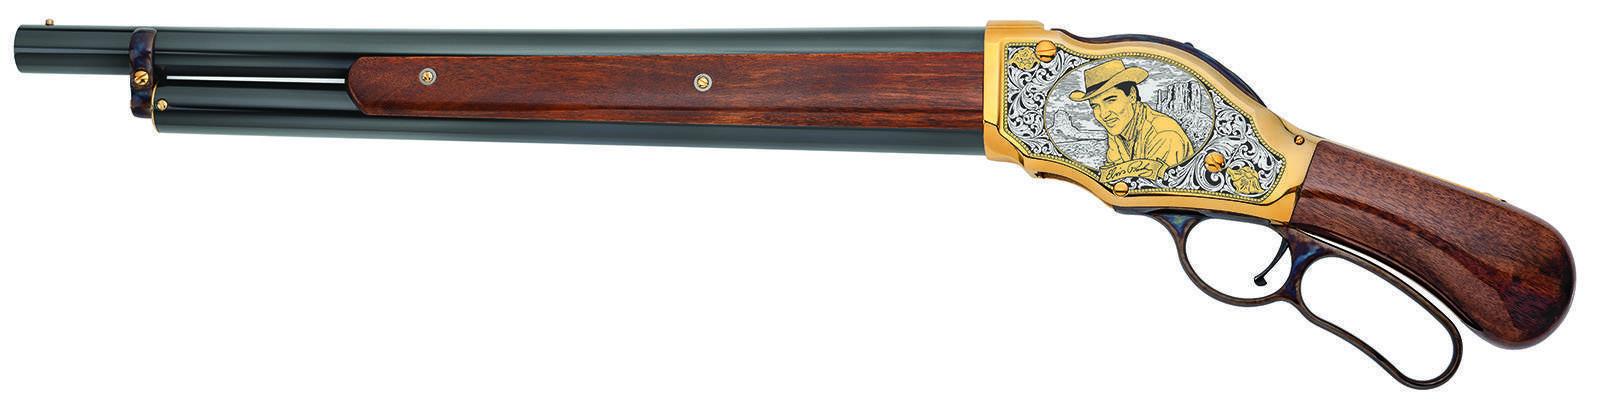 Винчестер (винтовка) — википедия. что такое винчестер (винтовка)